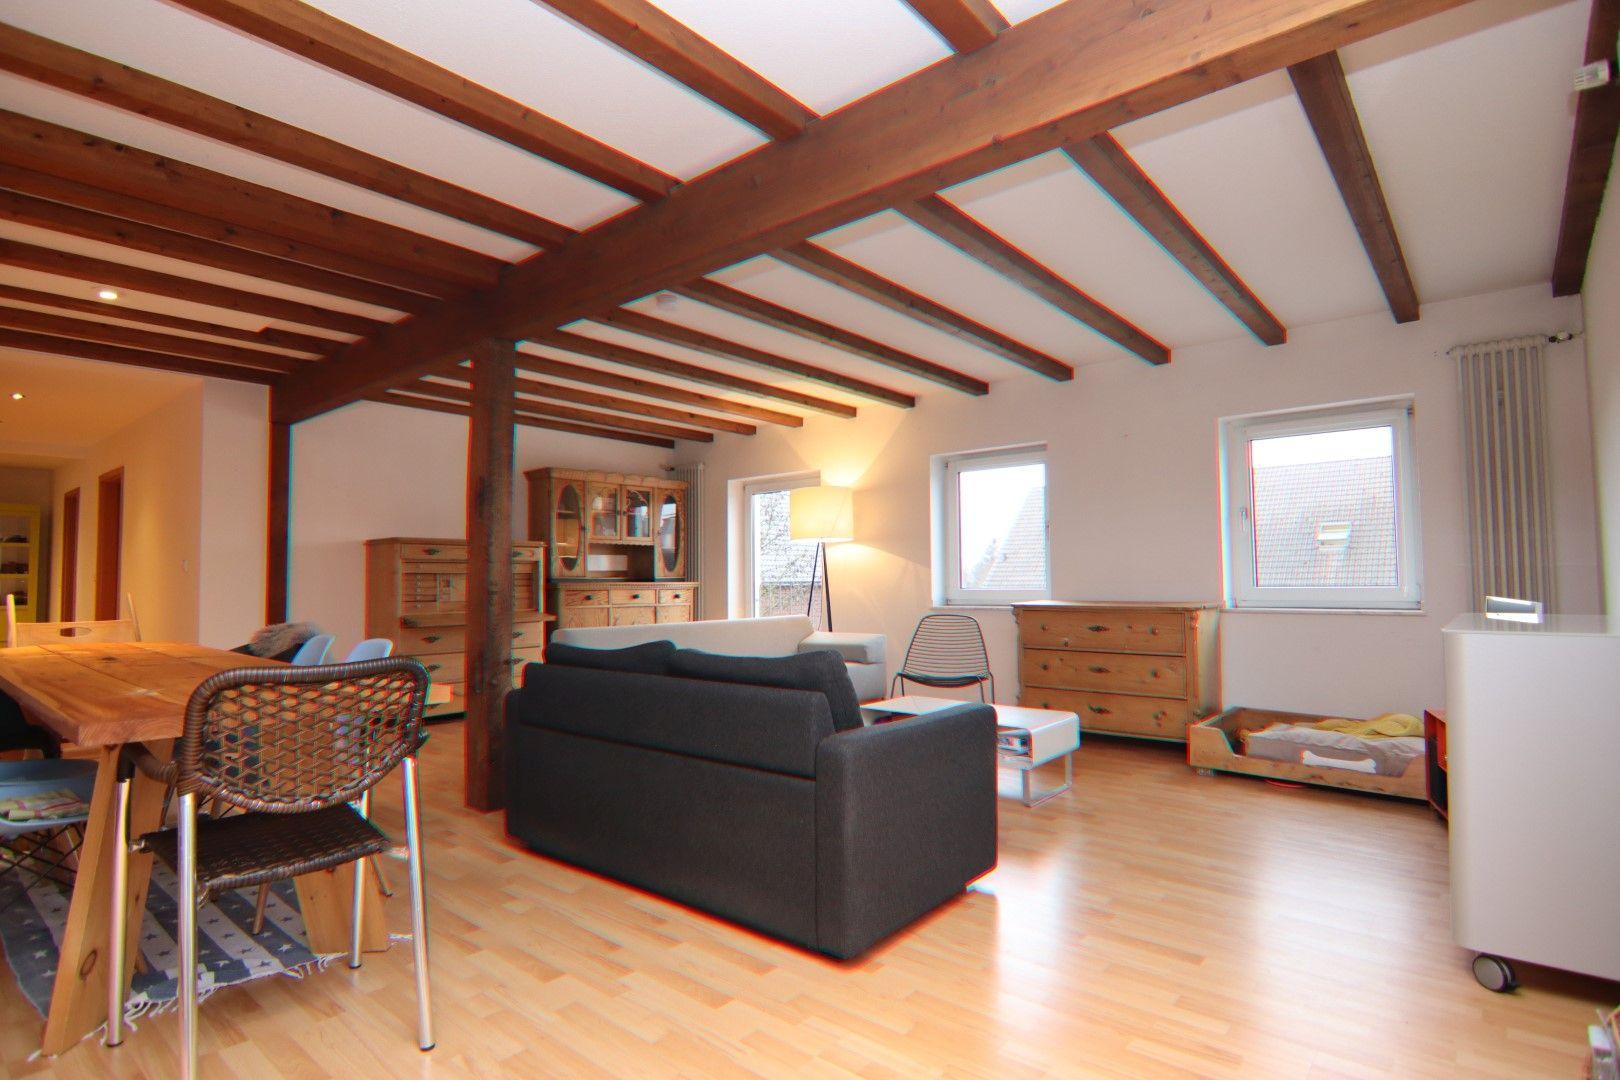 Immobilie Nr.0291 | Schützenstraße 22, 40668 Meerbusch